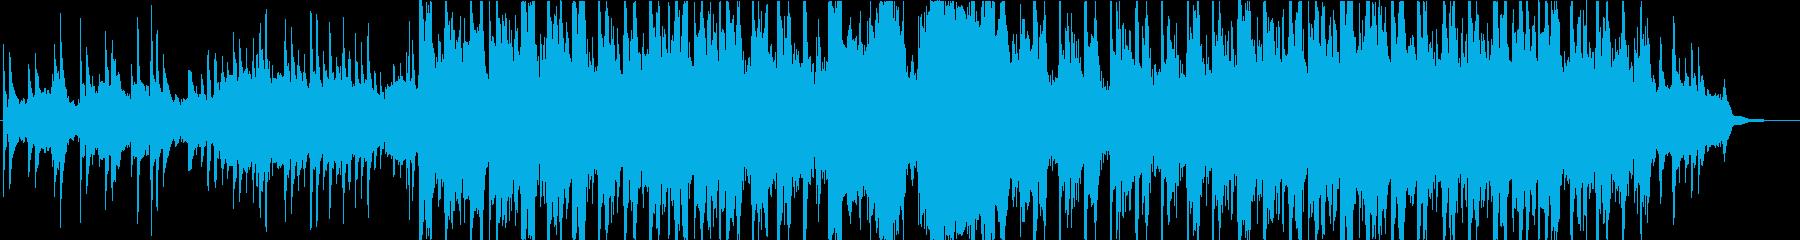 壮大なイメージの和風曲の再生済みの波形